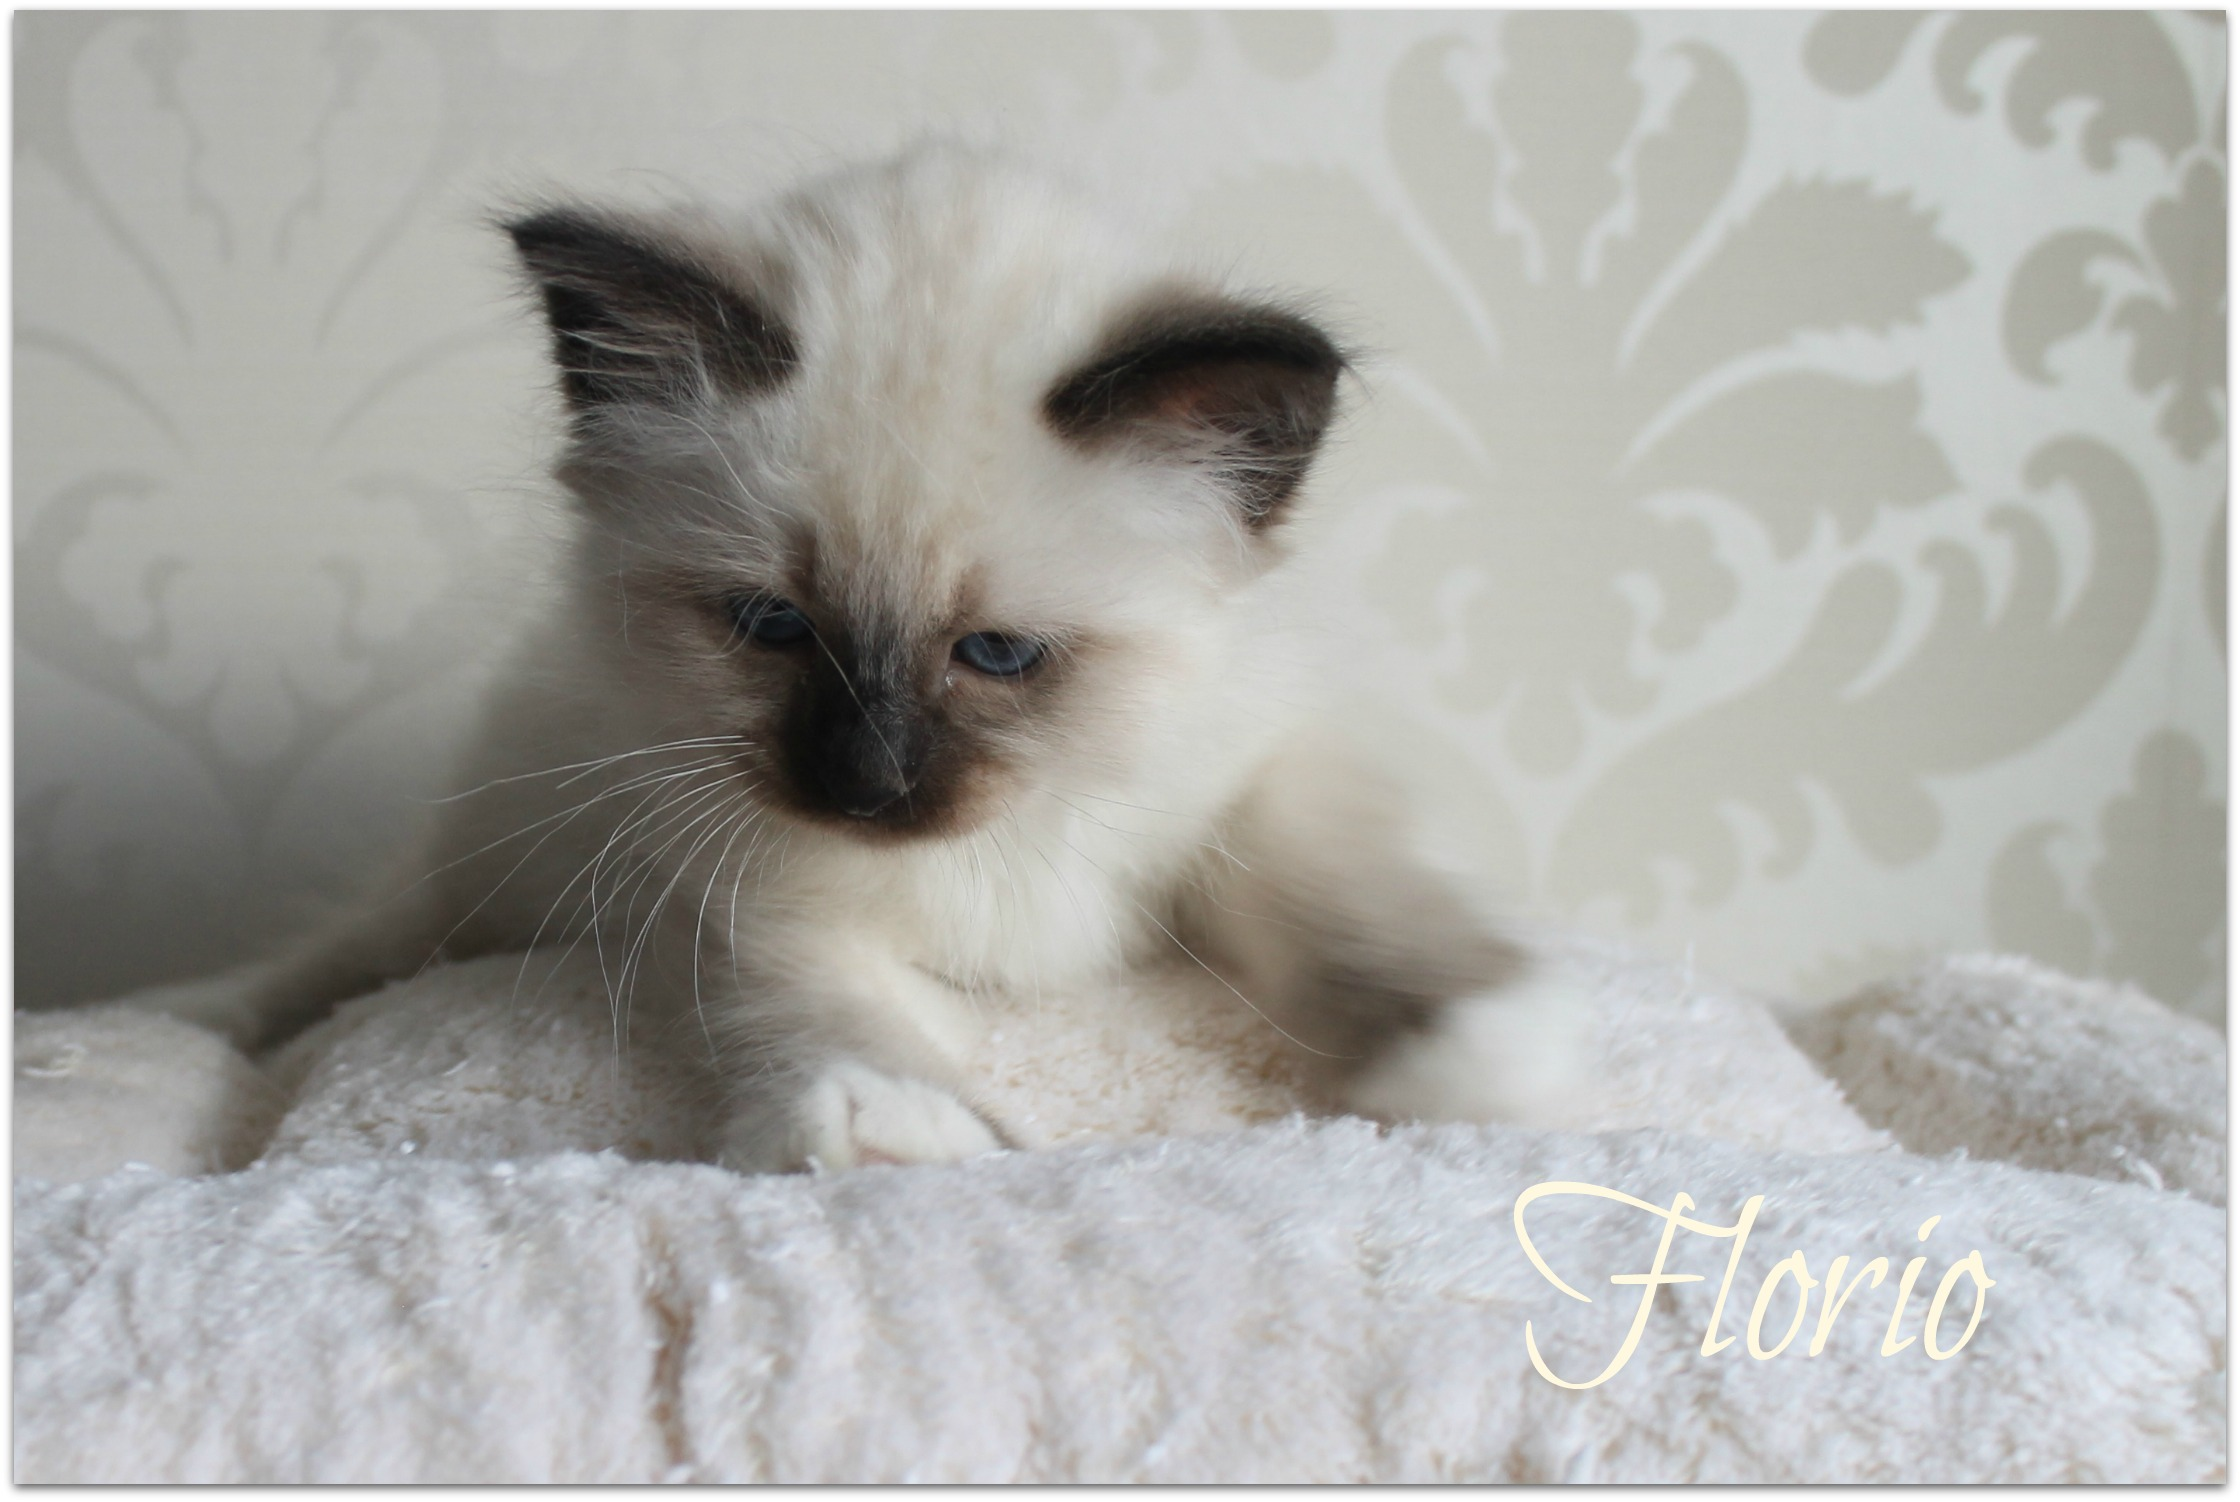 florio2